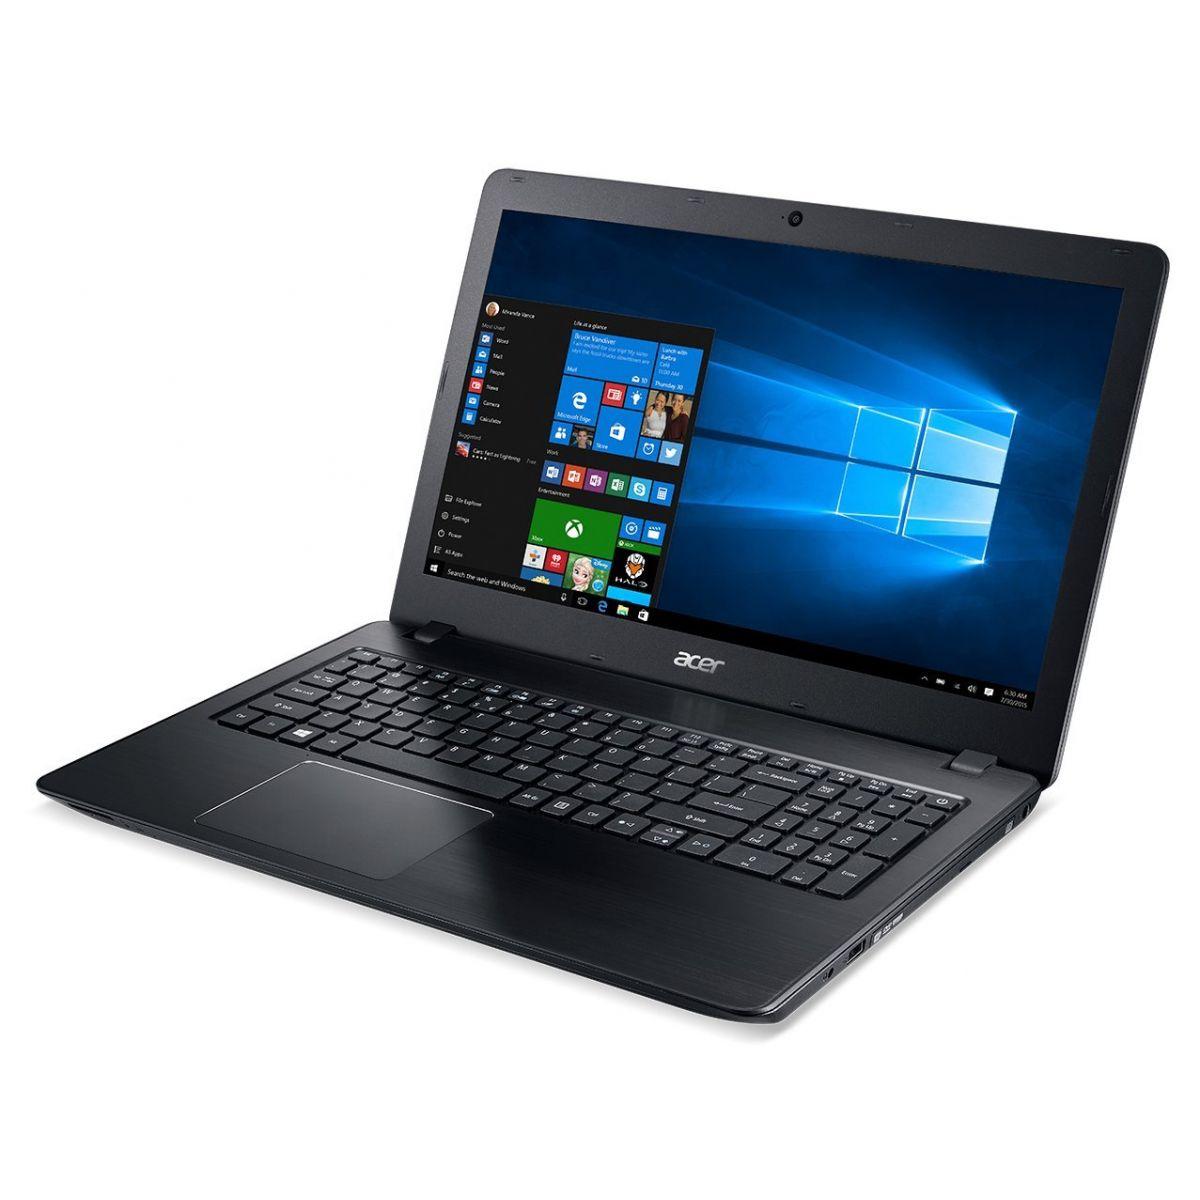 Notebook Acer com Intel Core i7 de 6ª Geração, 8GB de Memória, Wireless AC, HD de 1TB, Placa de vídeo NVIDIA GeForce 940MX com 4 GB, Tela Full HD de 15.6